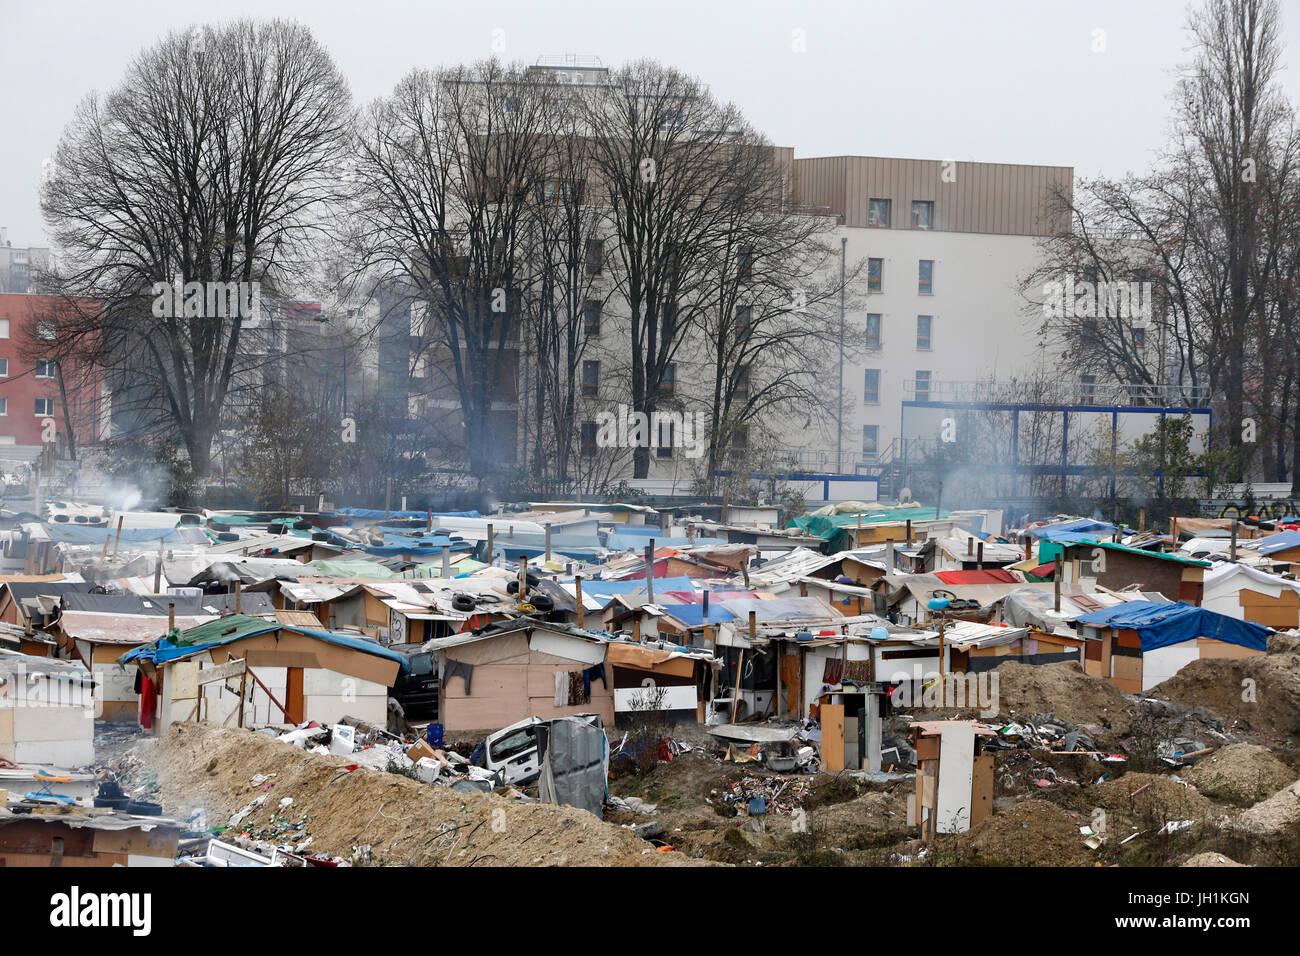 Gipsy camp in Pierrefitte-sur-Seine, Francia. La Francia. Immagini Stock